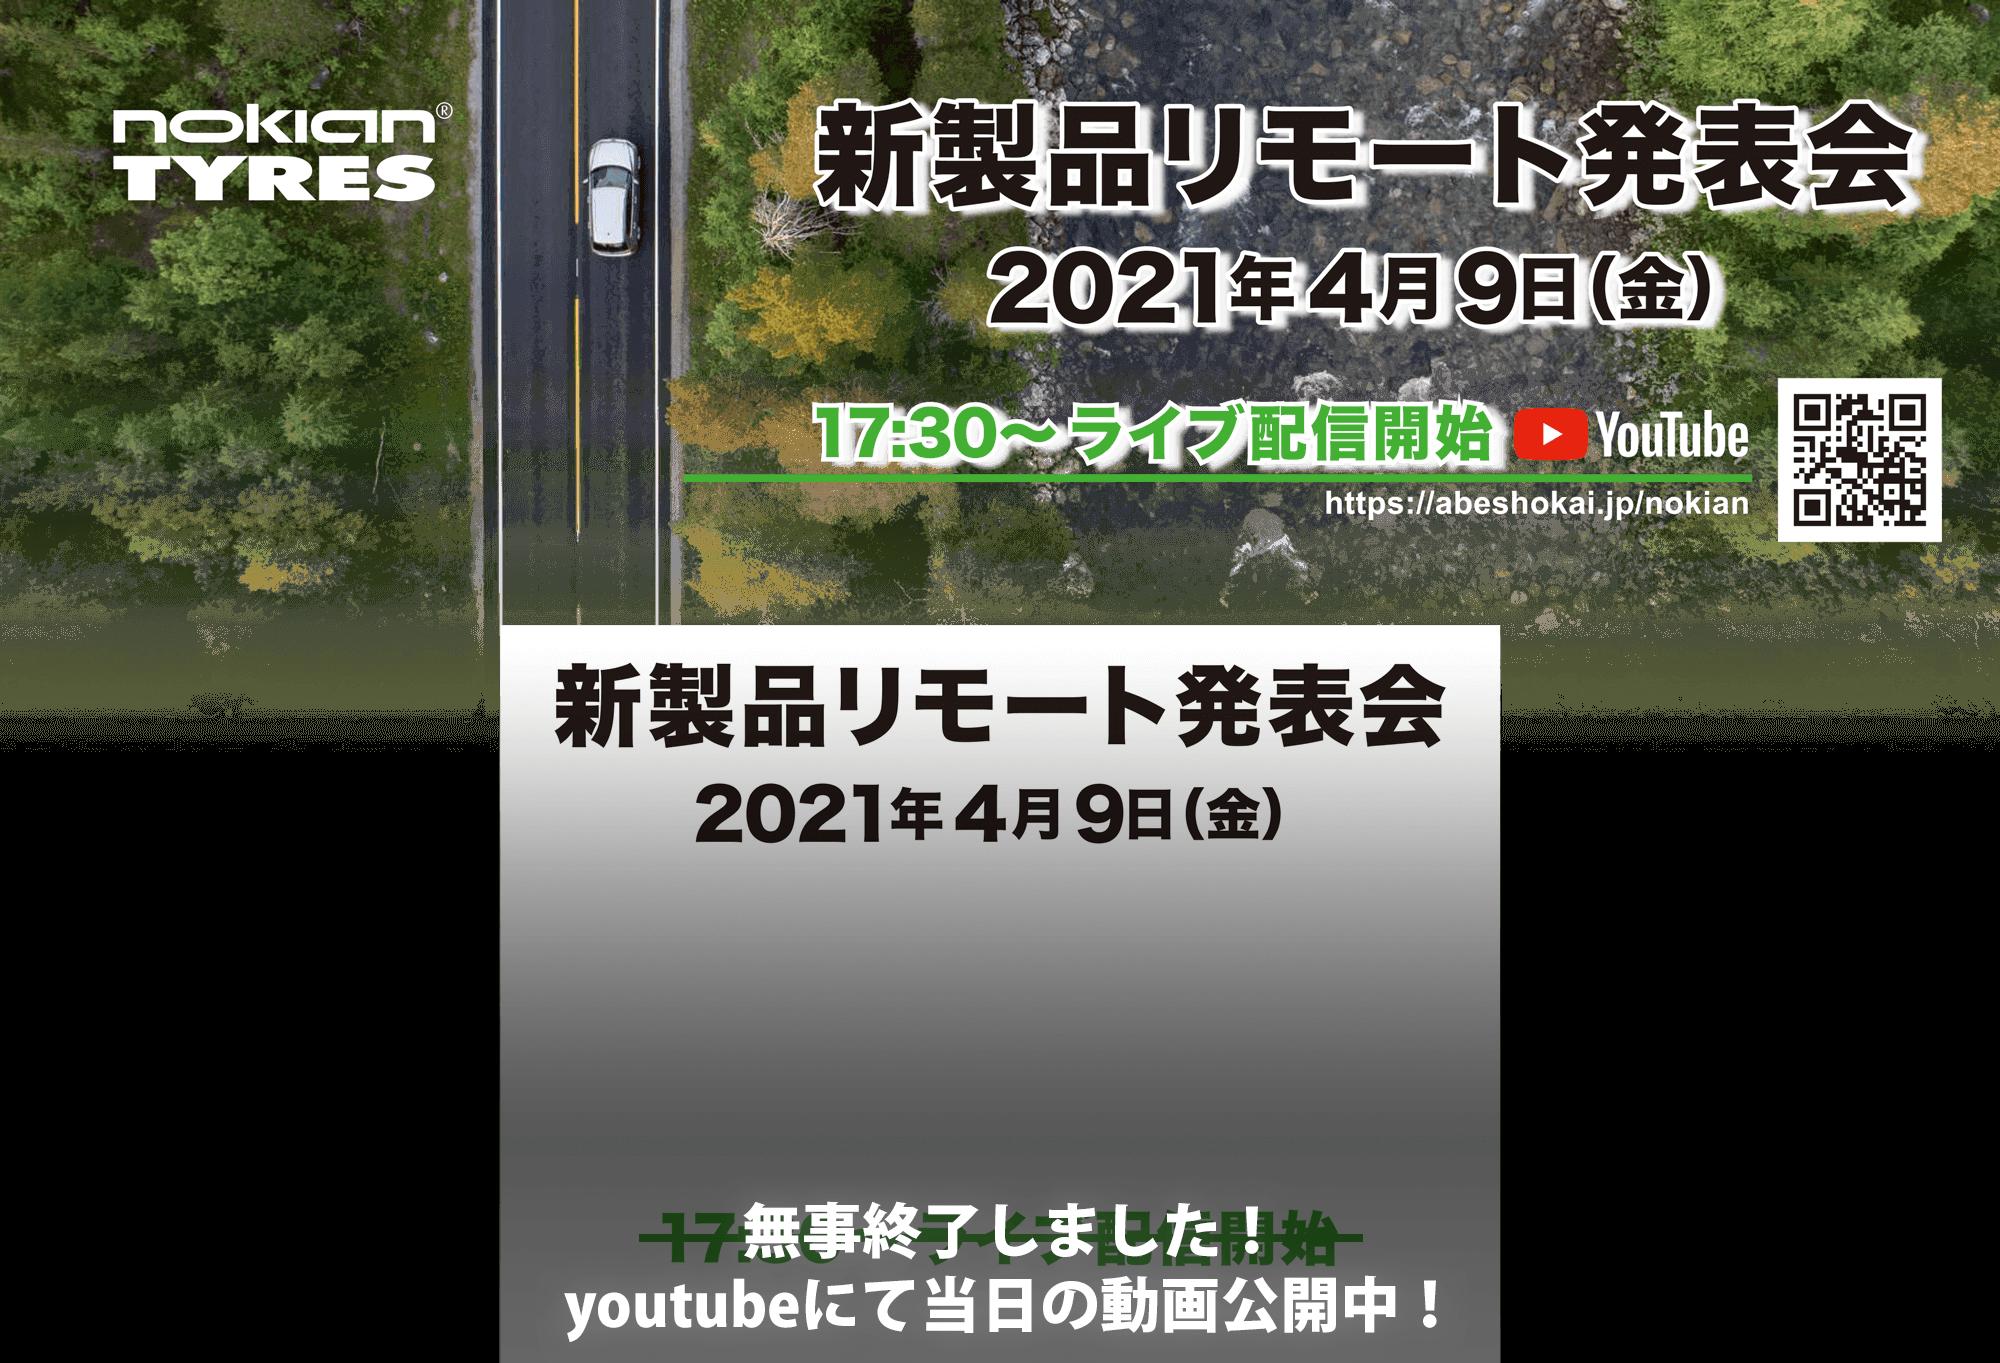 ノキアンタイヤ新製品リモート発表会